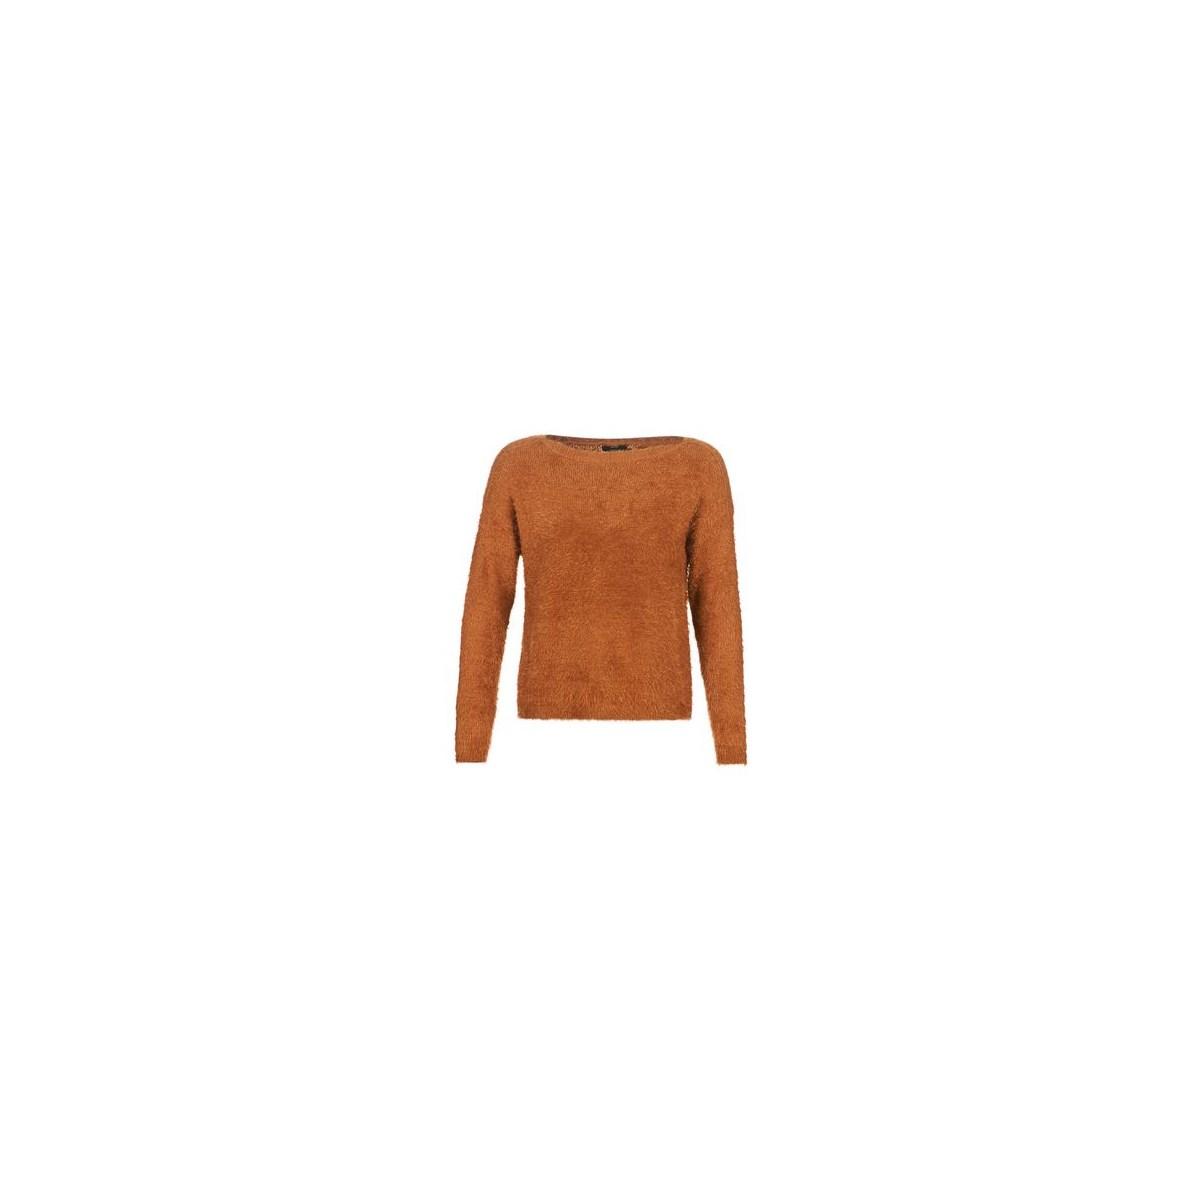 Onlgaia L/s Plain Pullover BF Knt